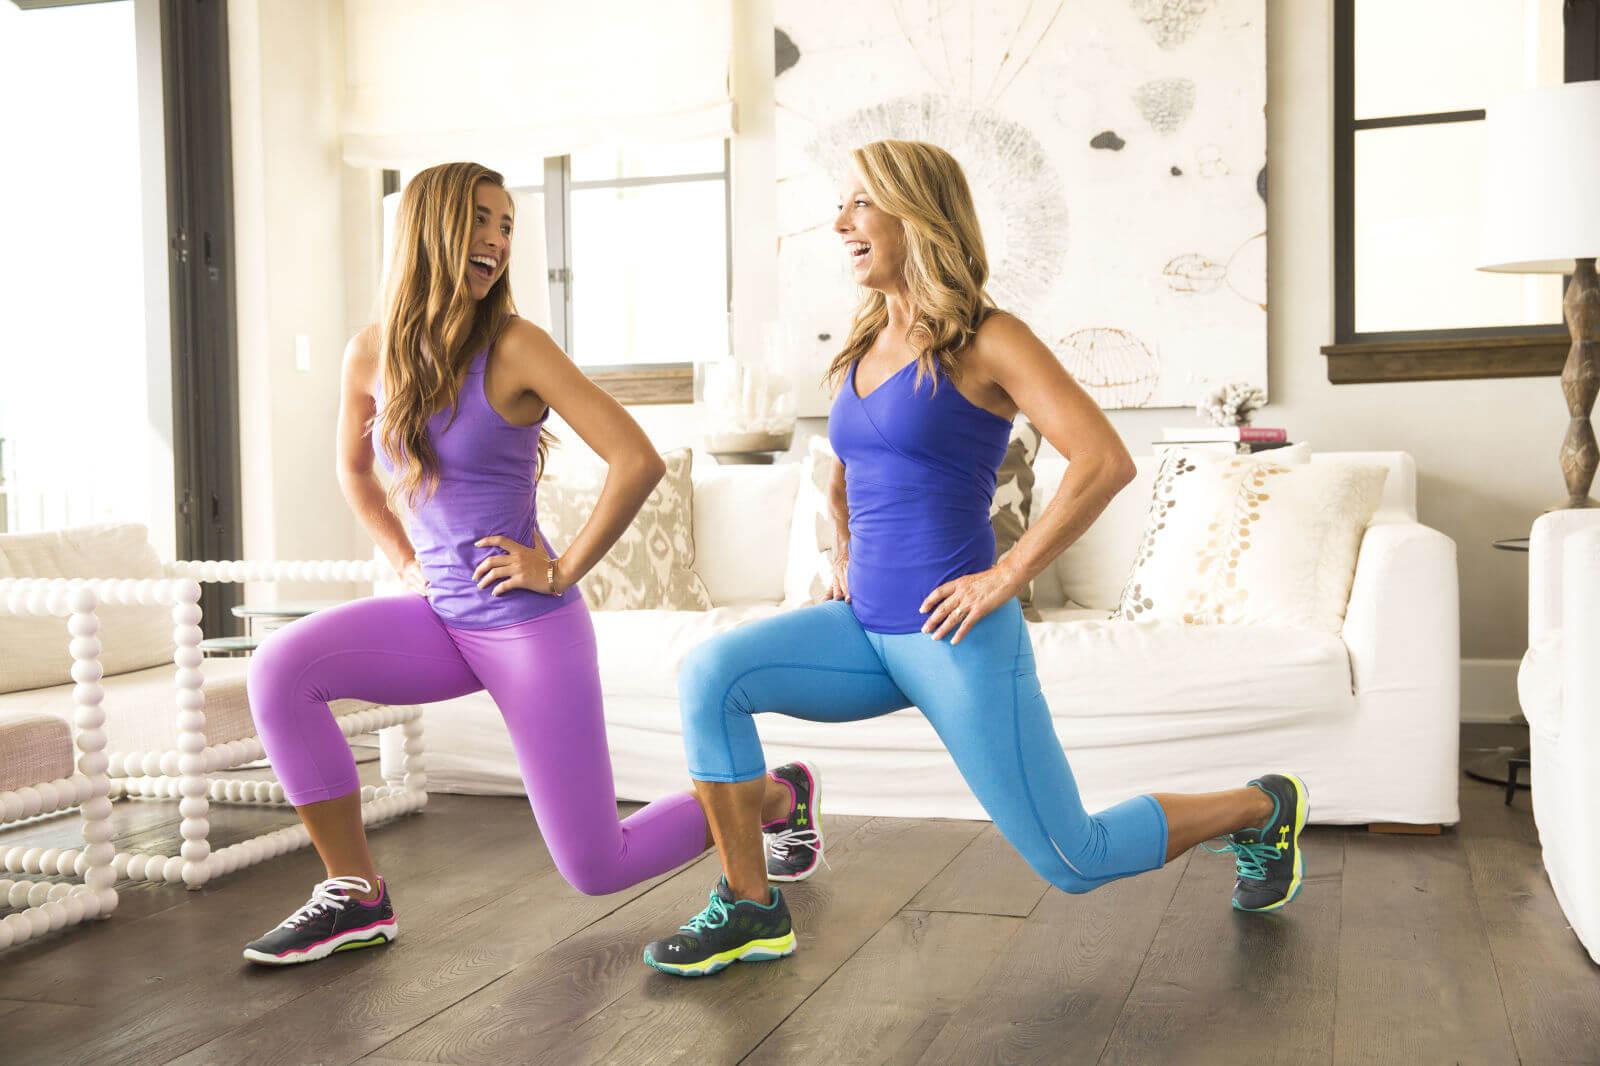 Deux femmes qui font du sport dans leur salon